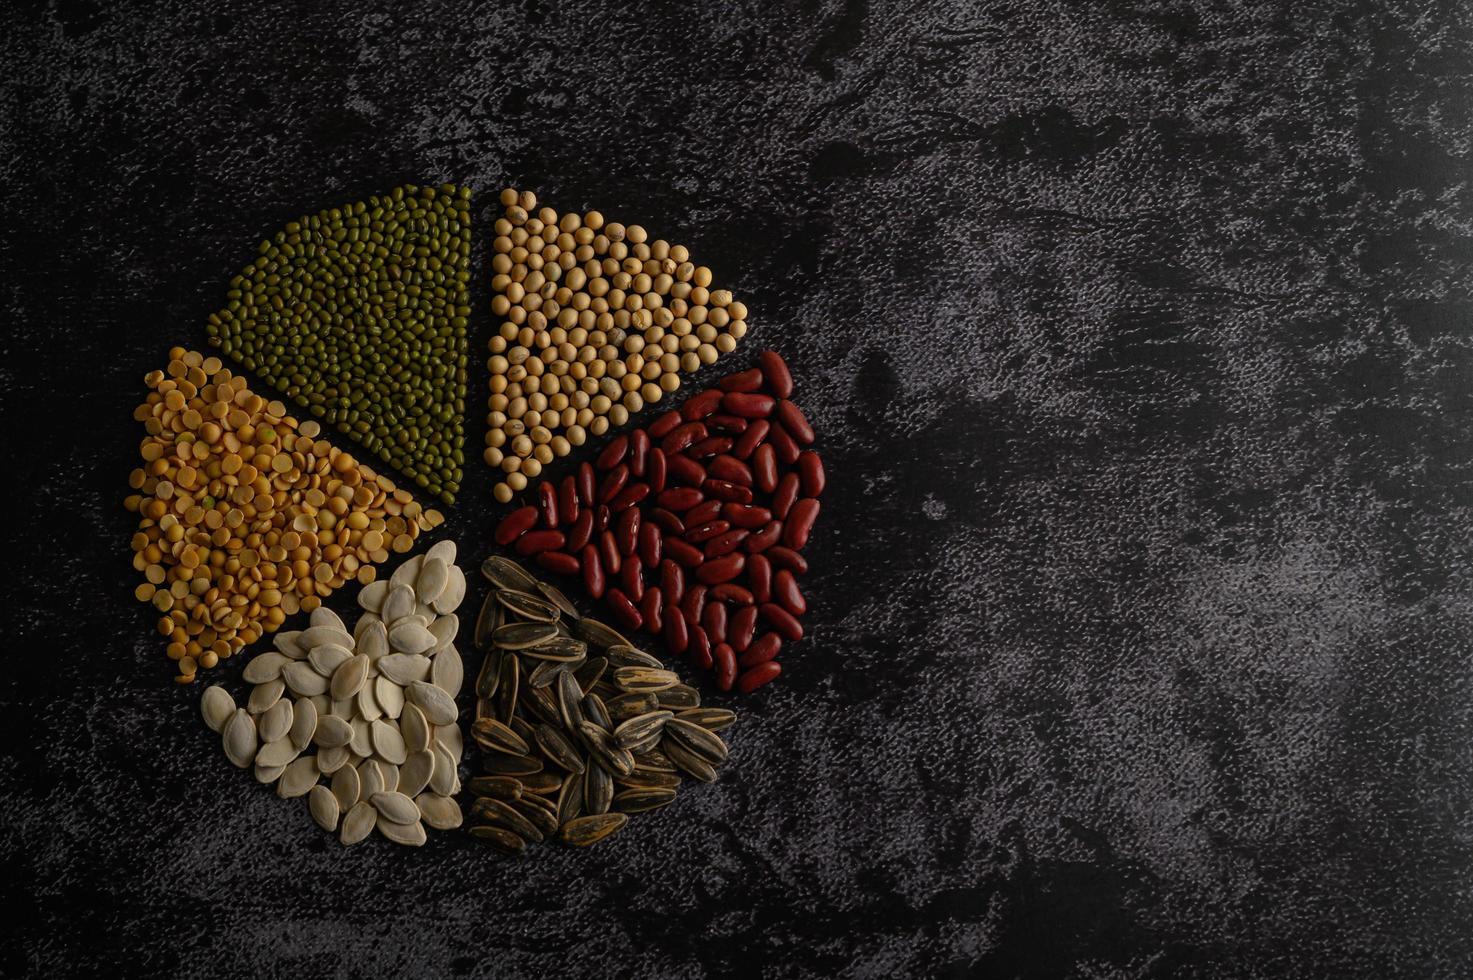 legumi disposti in cerchio su una superficie di cemento nero foto